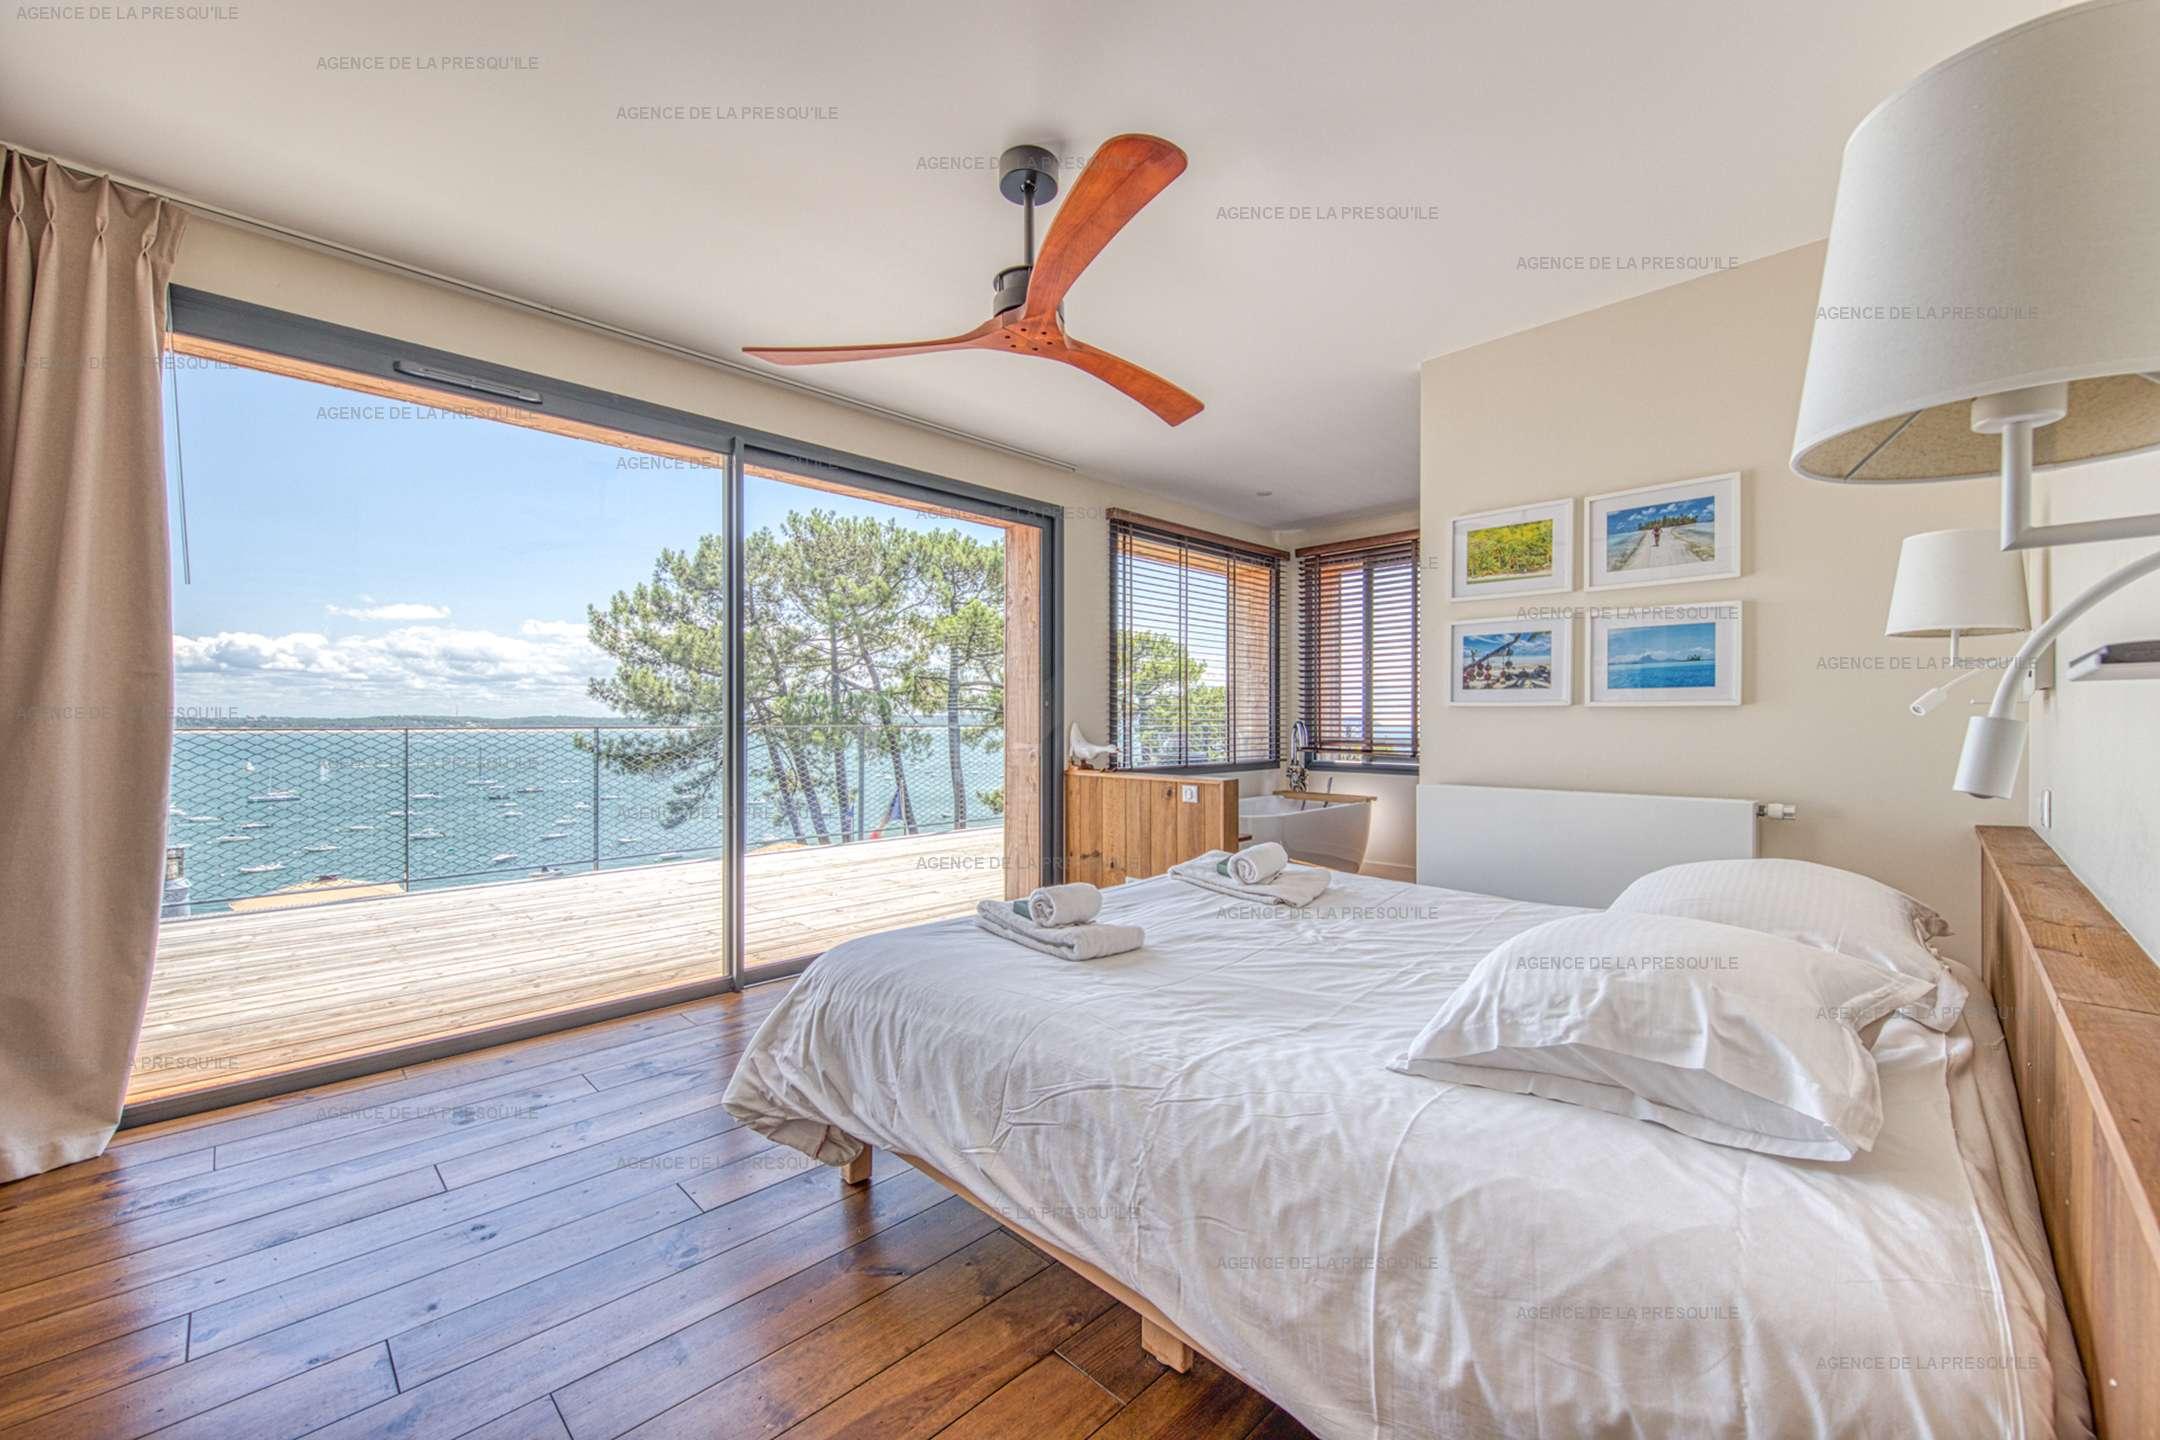 Location: Belle villa  neuve avec vue bassin et acces plage 11